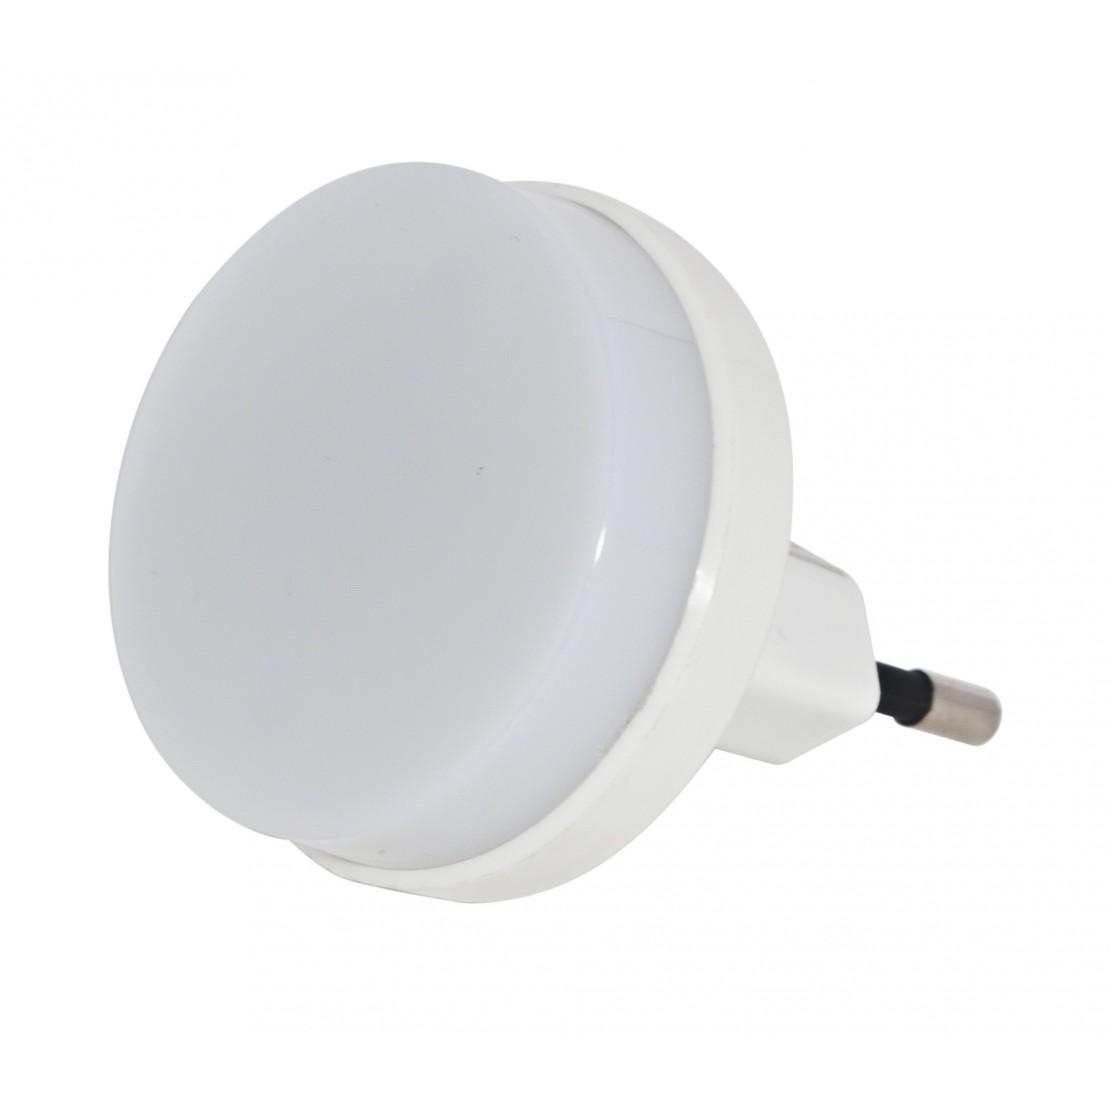 Nachtlampje - wit